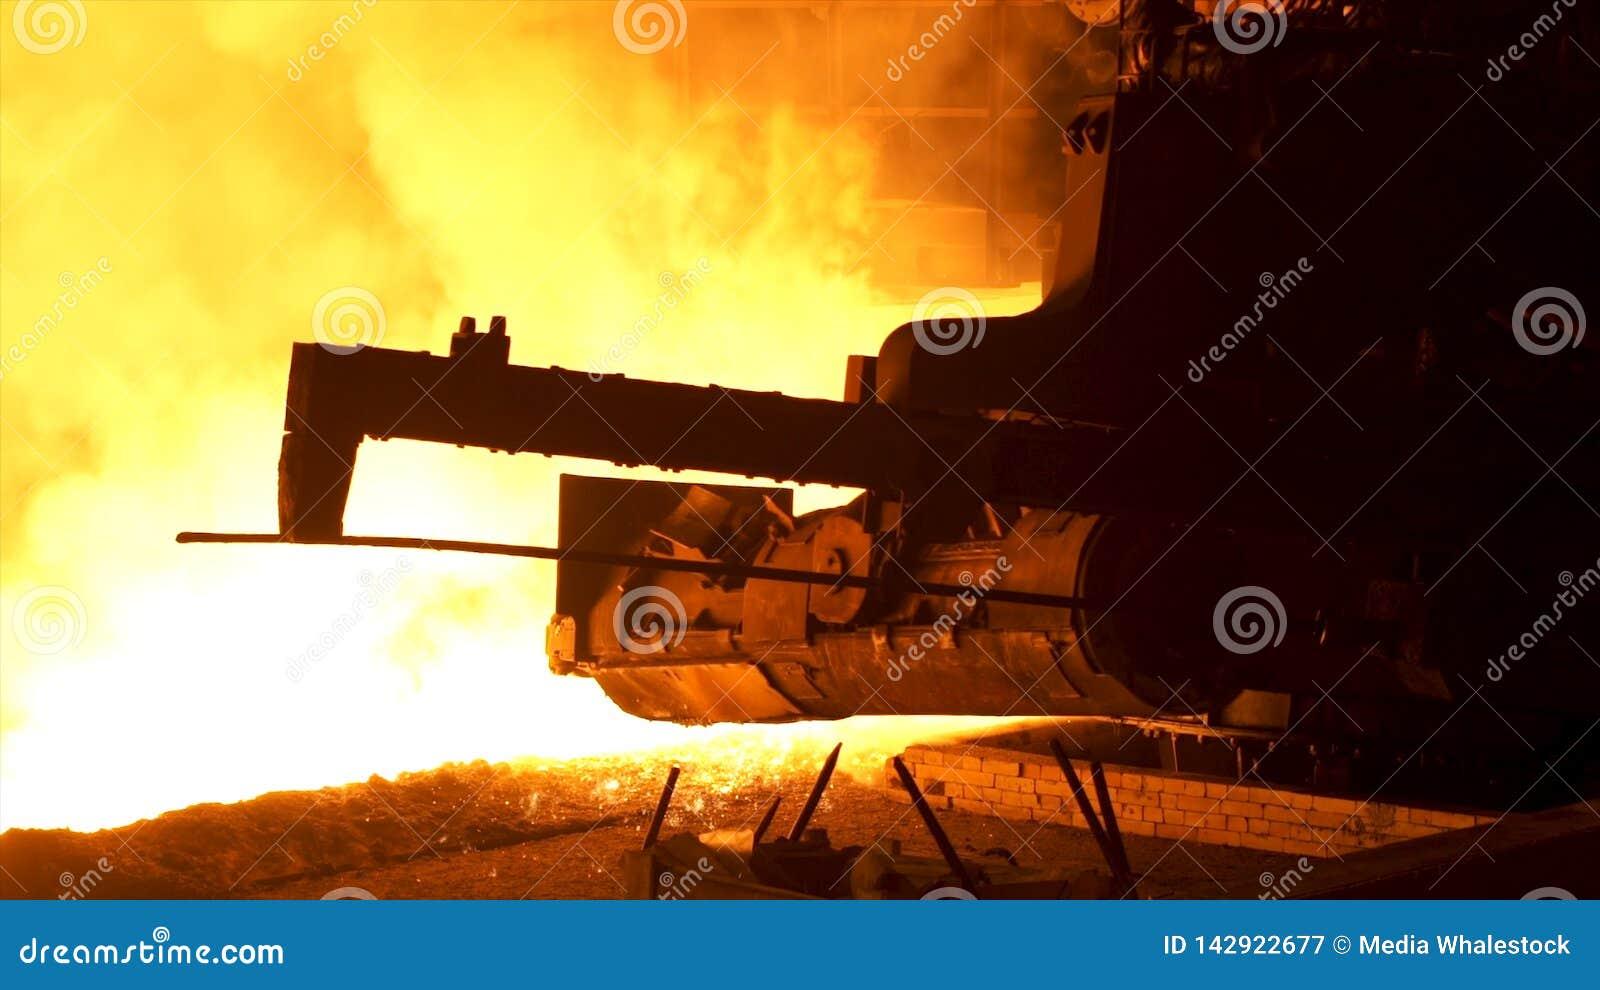 Metallo fuso che versa dal meccanismo speciale, concetto di metallurgia Acciaio fuso che entra nello scivolo metallurgico dietro